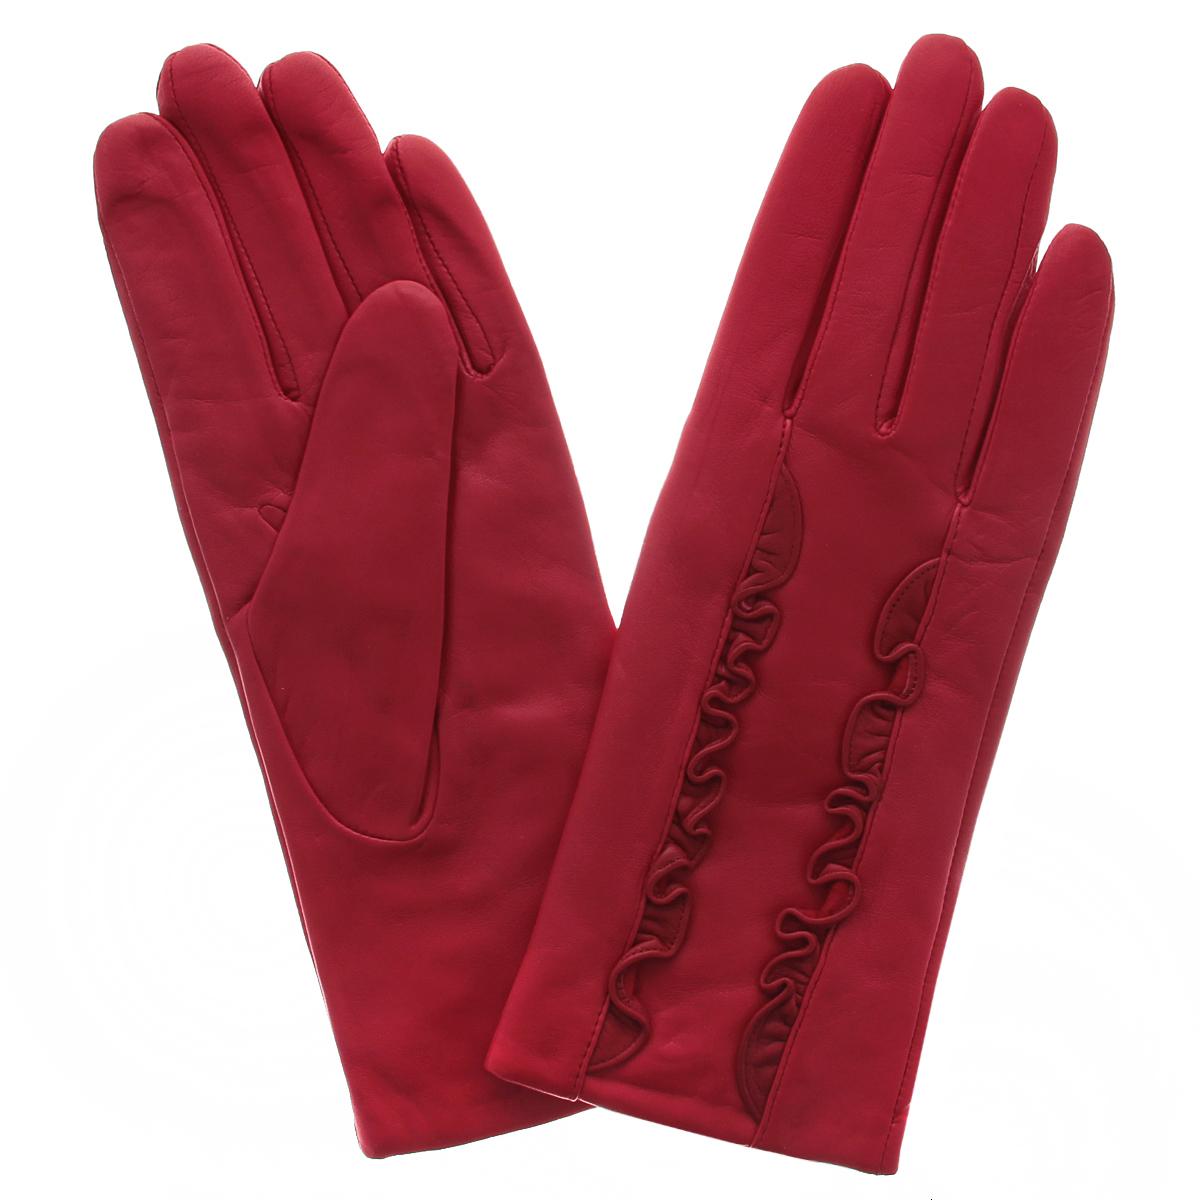 Перчатки женские. 9070/259070/25Стильные женские перчатки Flioraj заинтригуют любого мужчину и заставят завидовать любую женщину. Они не только защитят ваши руки от холода, но и станут великолепным украшением. Модель изготовлена из мягкой натуральной кожи с подкладкой из шерсти. На лицевой стороне изделие оформлено декоративными оборками. Перчатки являются неотъемлемой принадлежностью одежды, вместе с этим аксессуаром вы обретаете женственность и элегантность. Они станут завершающим и подчеркивающим элементом вашего неповторимого стиля и индивидуальности.